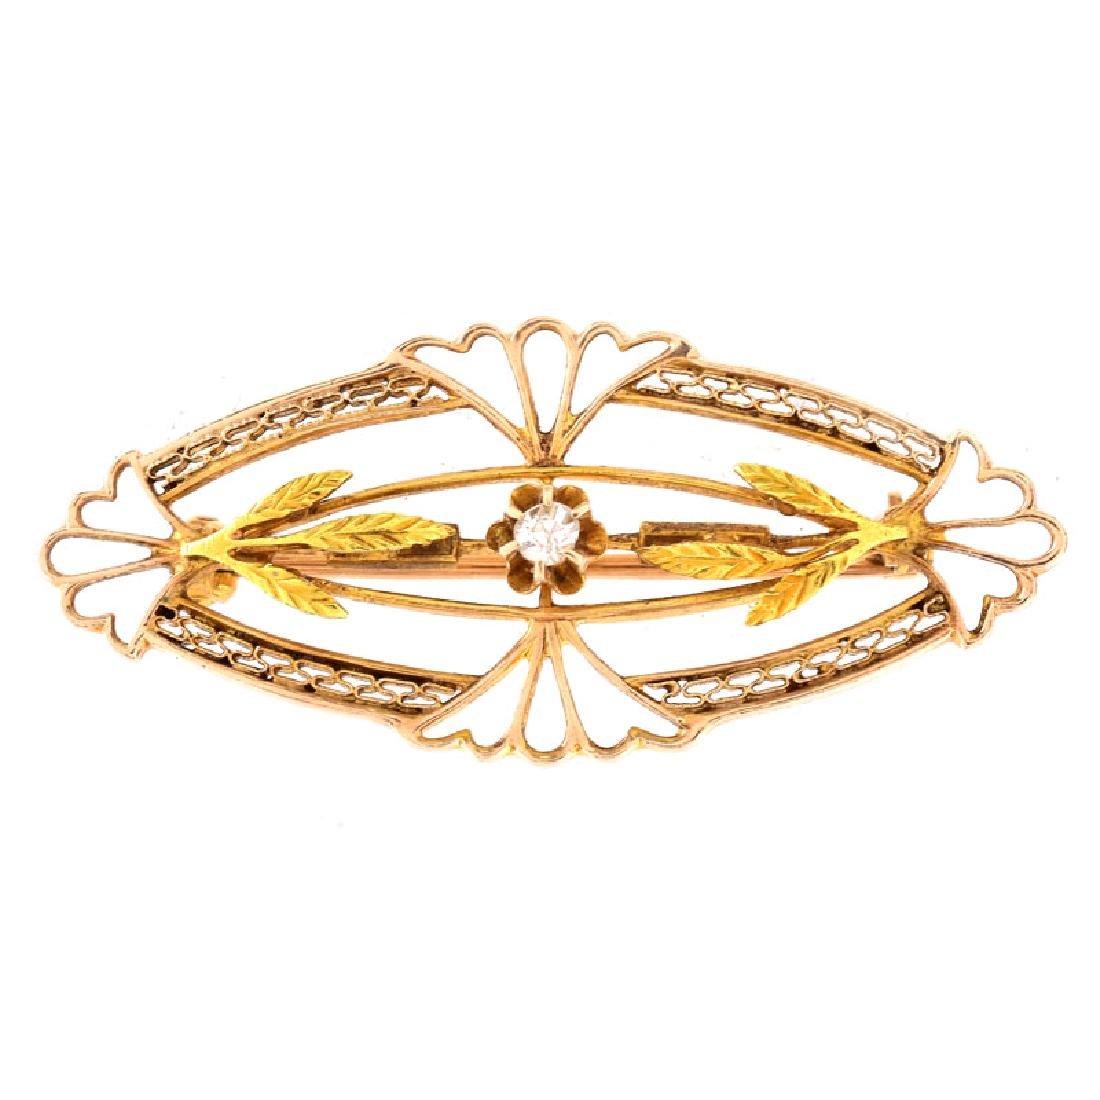 Antique 12 Karat Yellow Gold Hinged Bangle Bracelet - 4